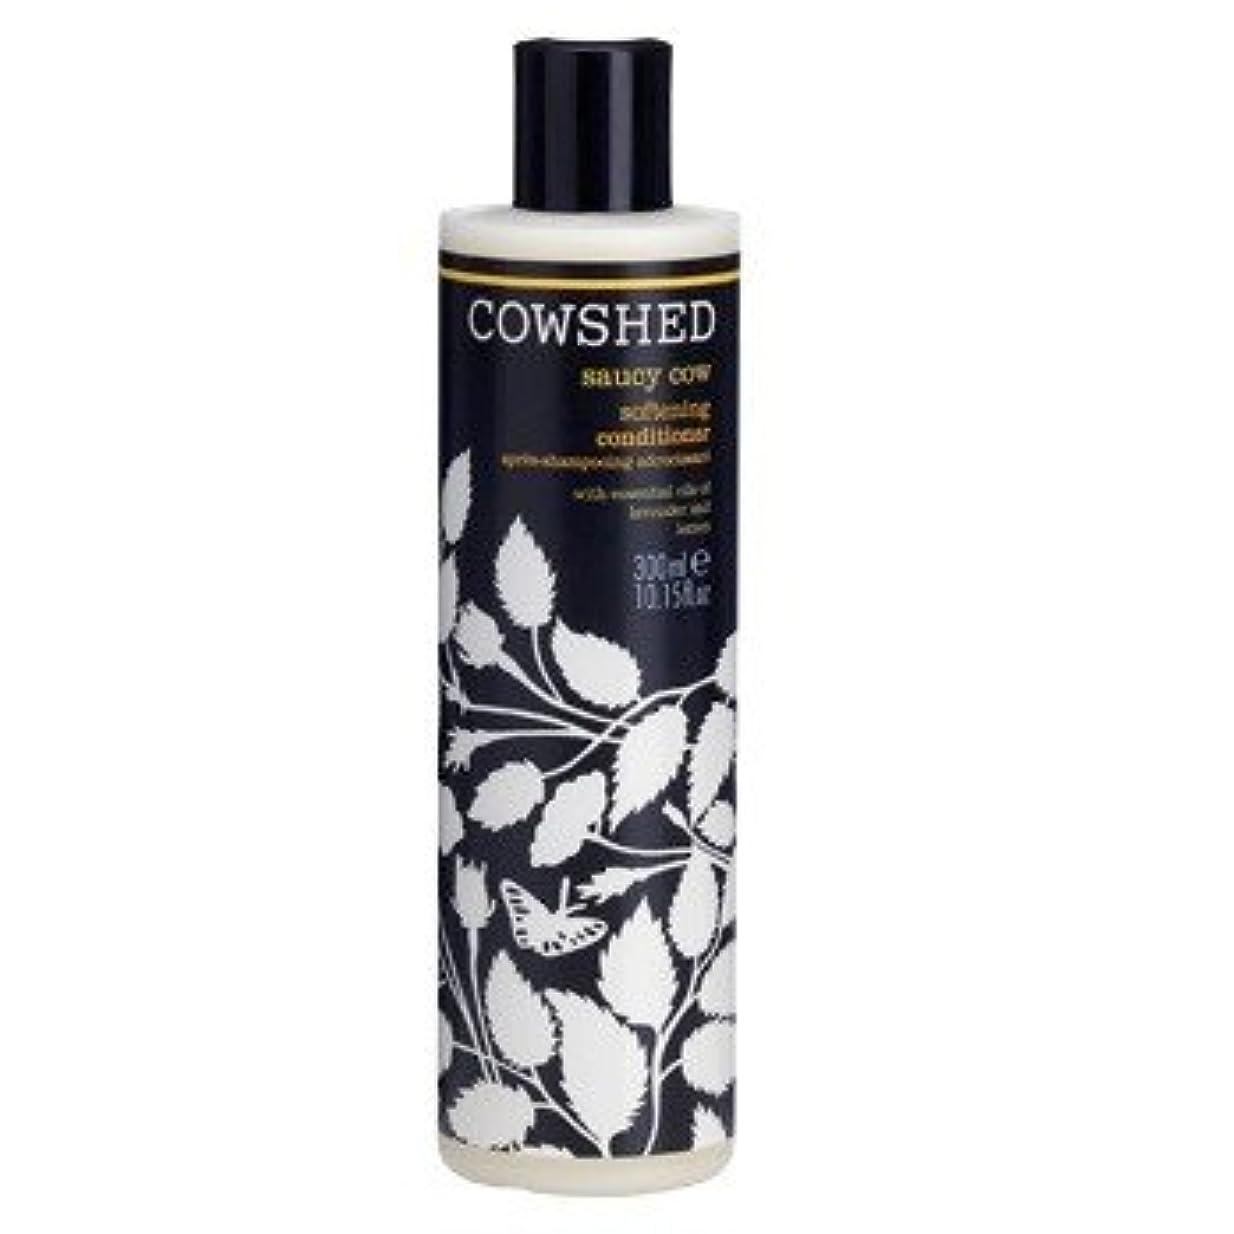 管理者二十現れる牛舎生意気な牛軟化コンディショナー300ミリリットル (Cowshed) - Cowshed Saucy Cow Softening Conditioner 300ml [並行輸入品]